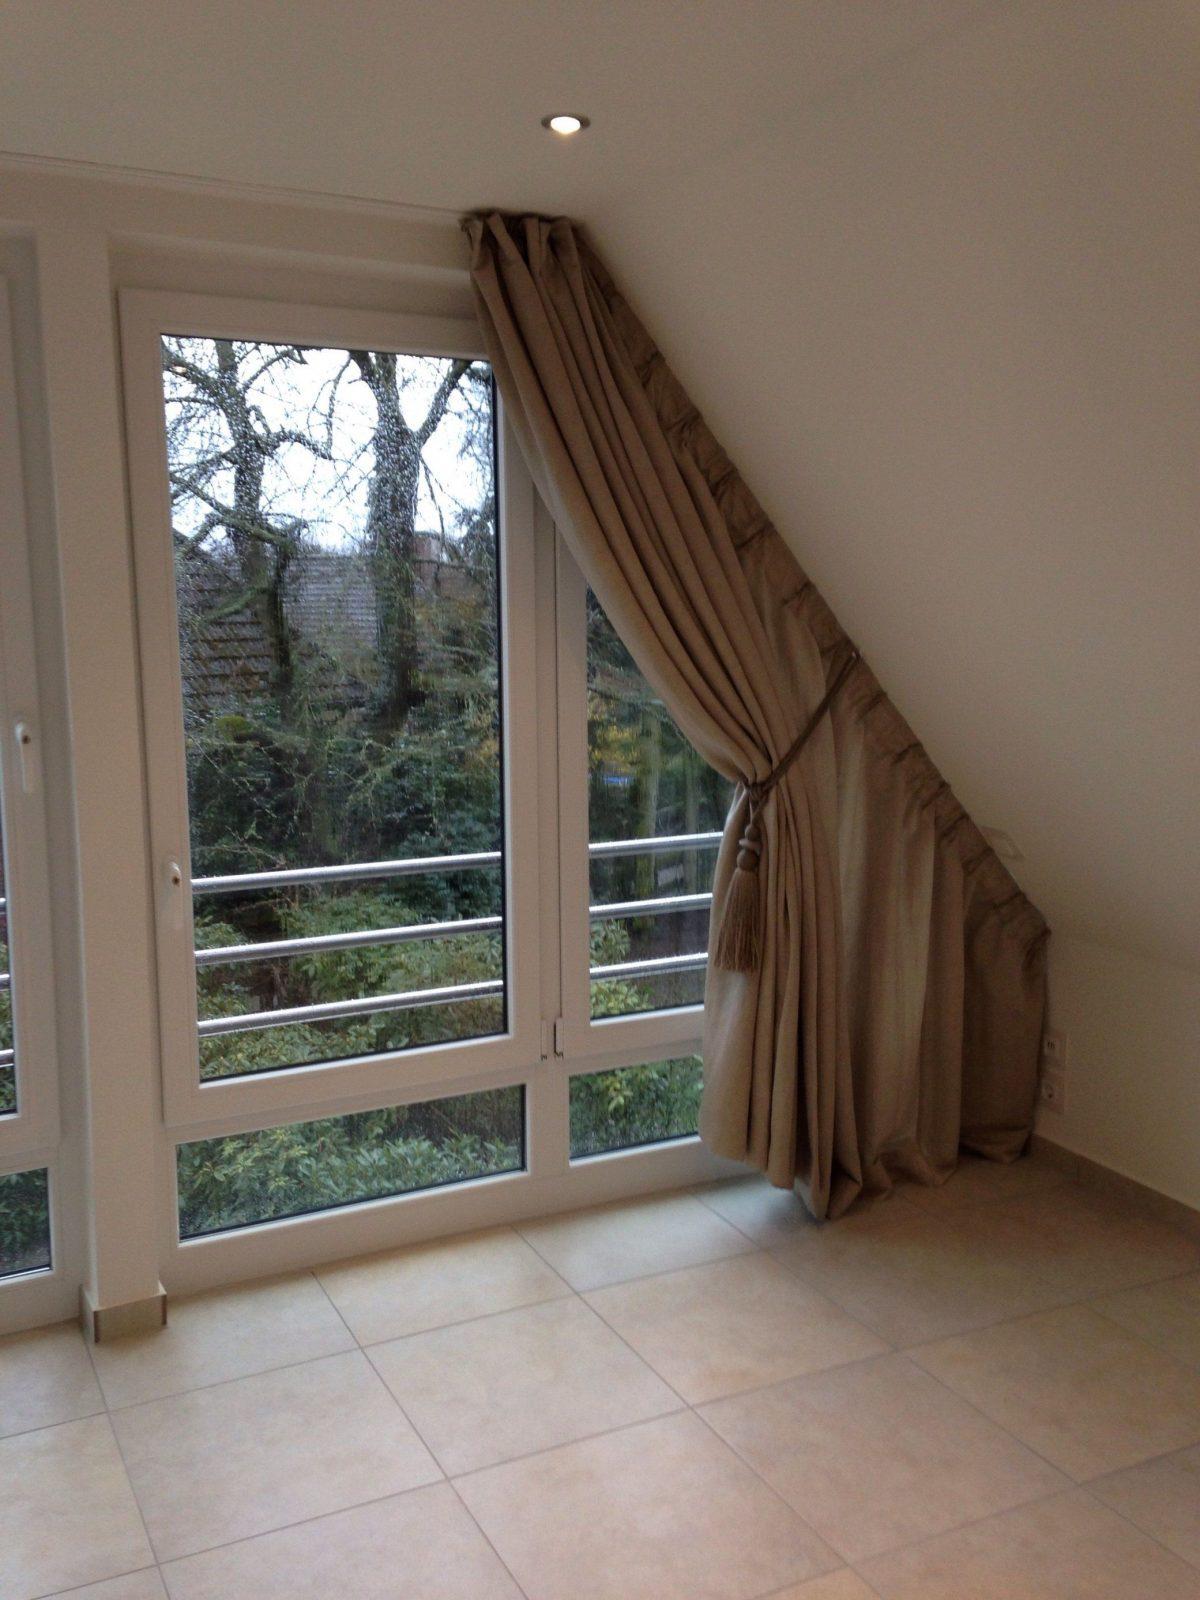 Wir Bekommen Auch An Ihre Dachschräge Einen Vorhang Dran  Vorhänge von Vorhang Für Schräge Fenster Bild